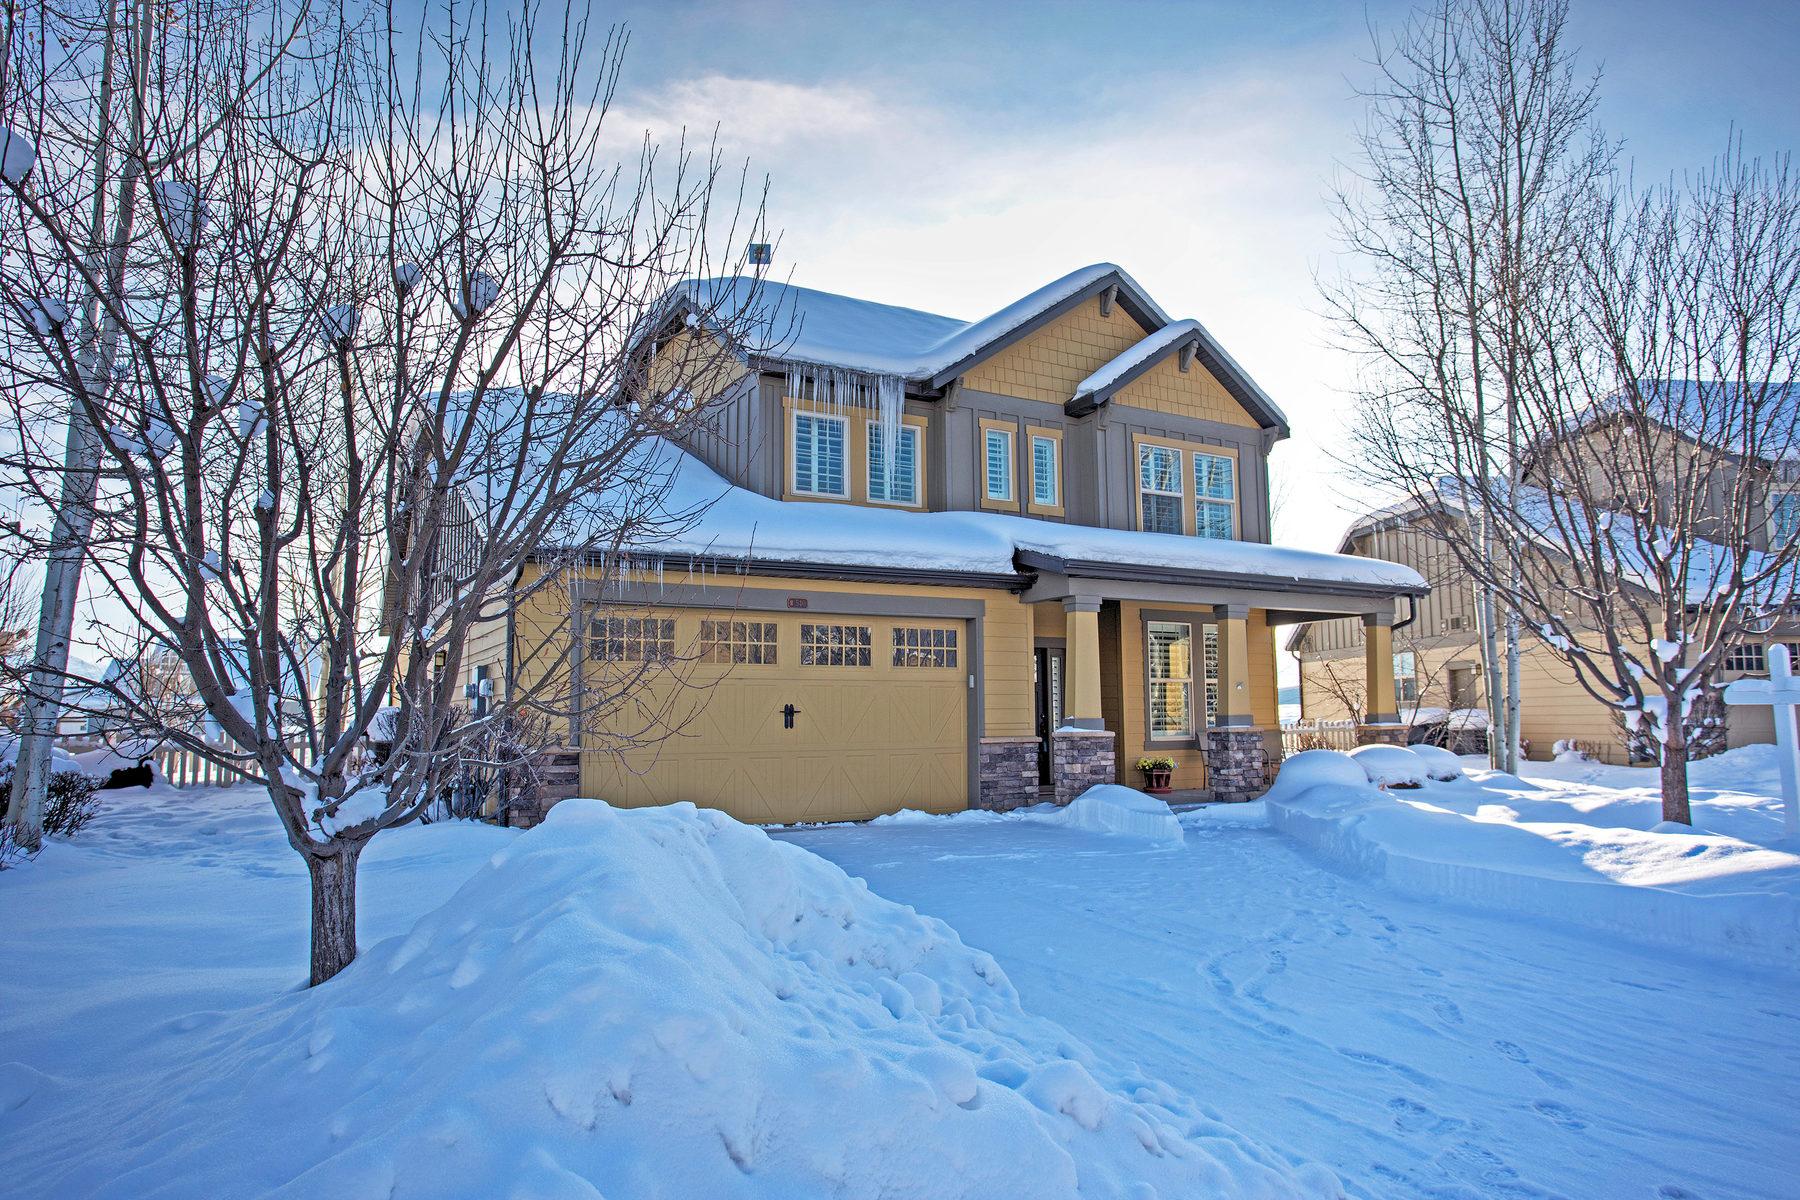 Casa Unifamiliar por un Venta en Fantasitic Cottages at Dutch Fields Home 540 E Mission Dr Midway, Utah 84049 Estados Unidos